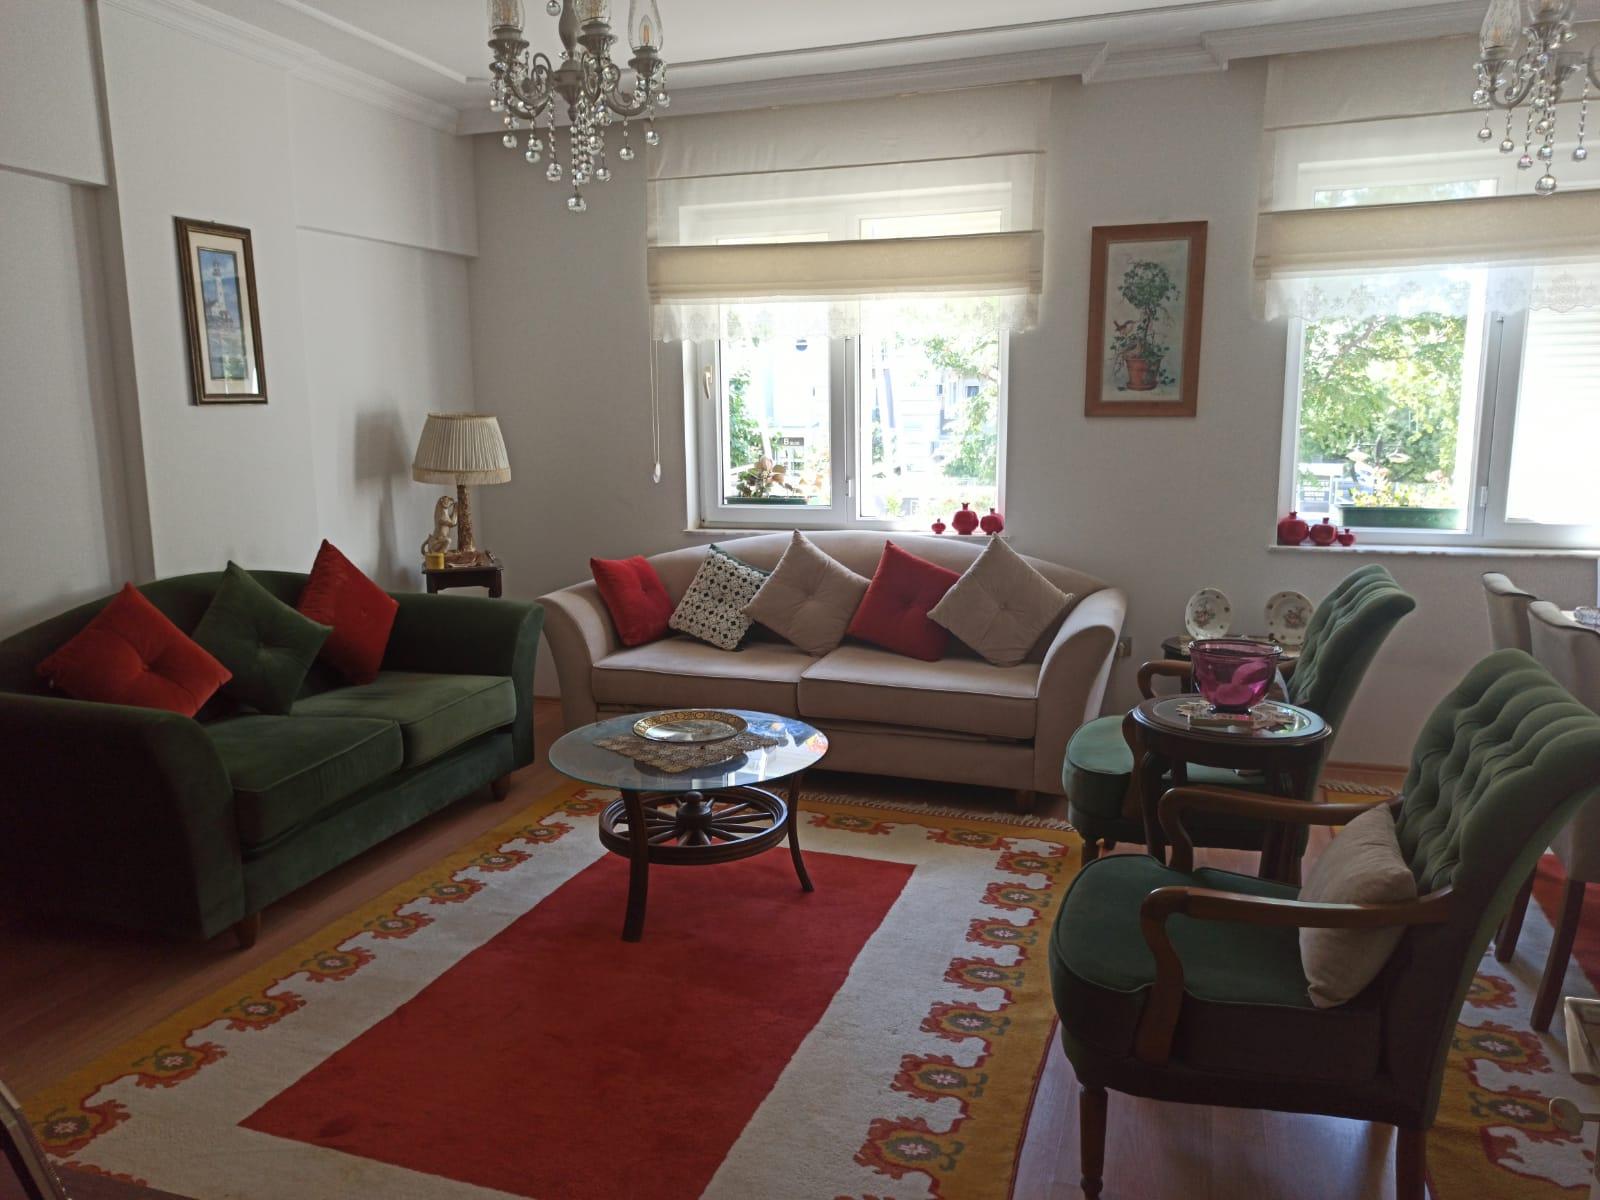 شقة للبيع في منطقة مراد باشا لارا